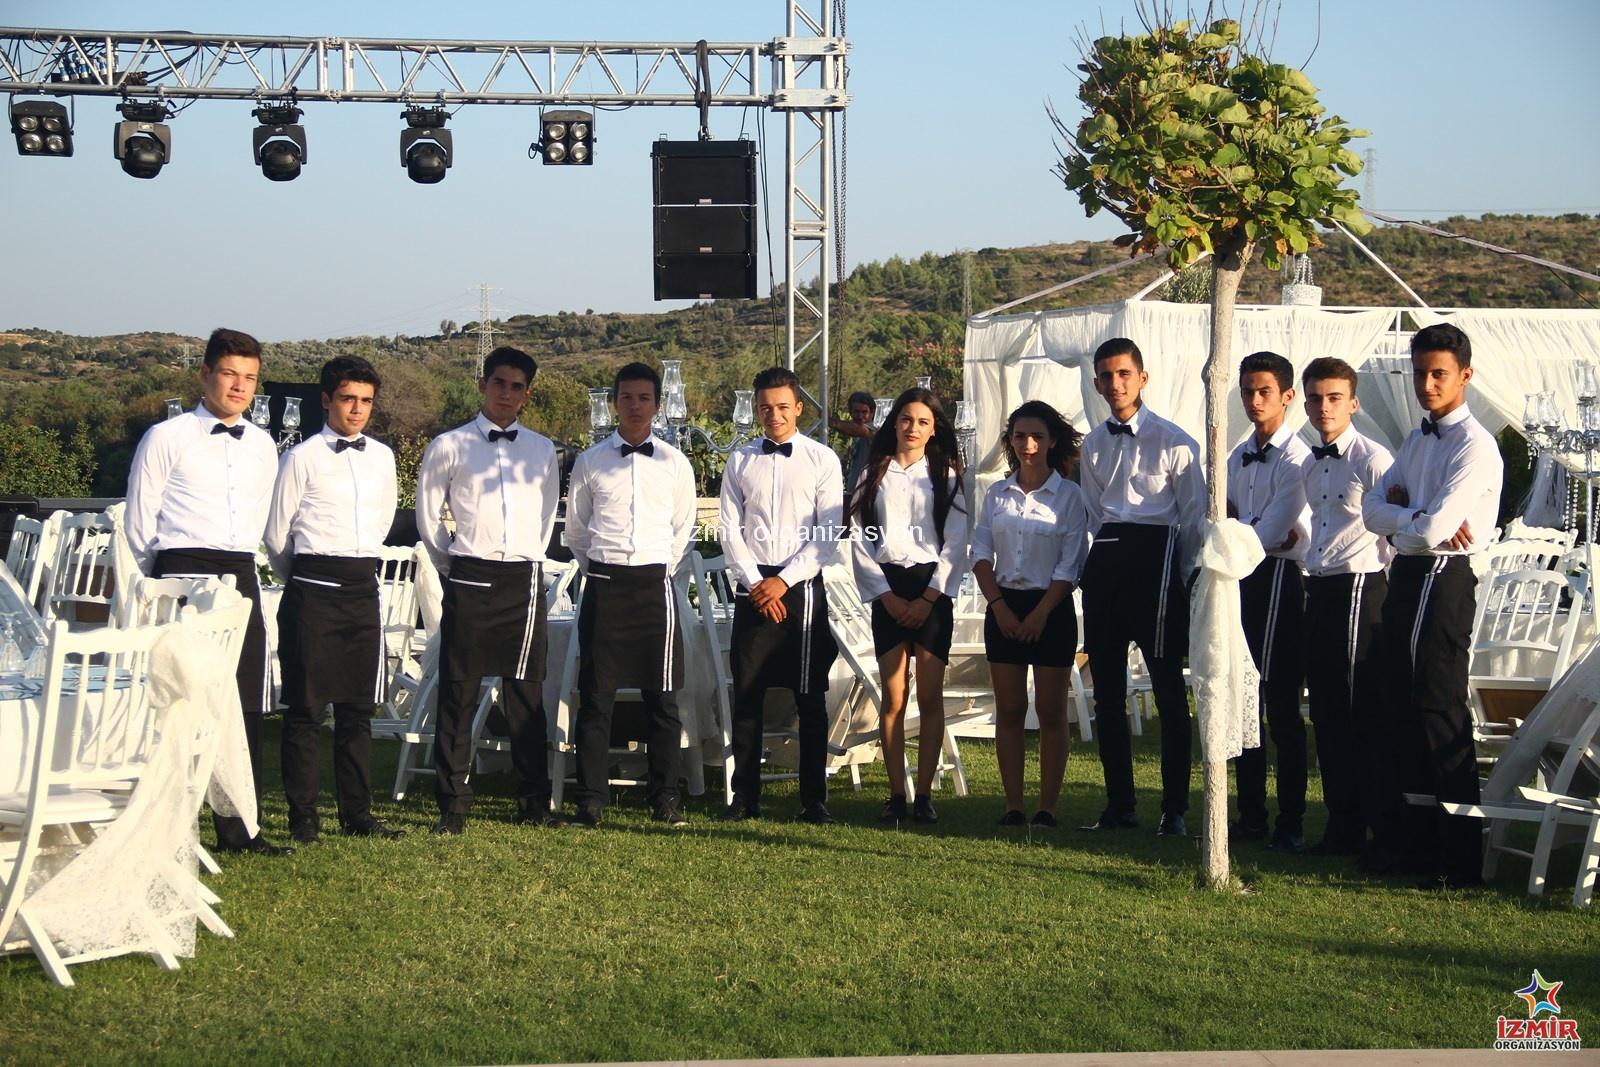 İzmir Düğün Organizasyonu Servis Elemanı